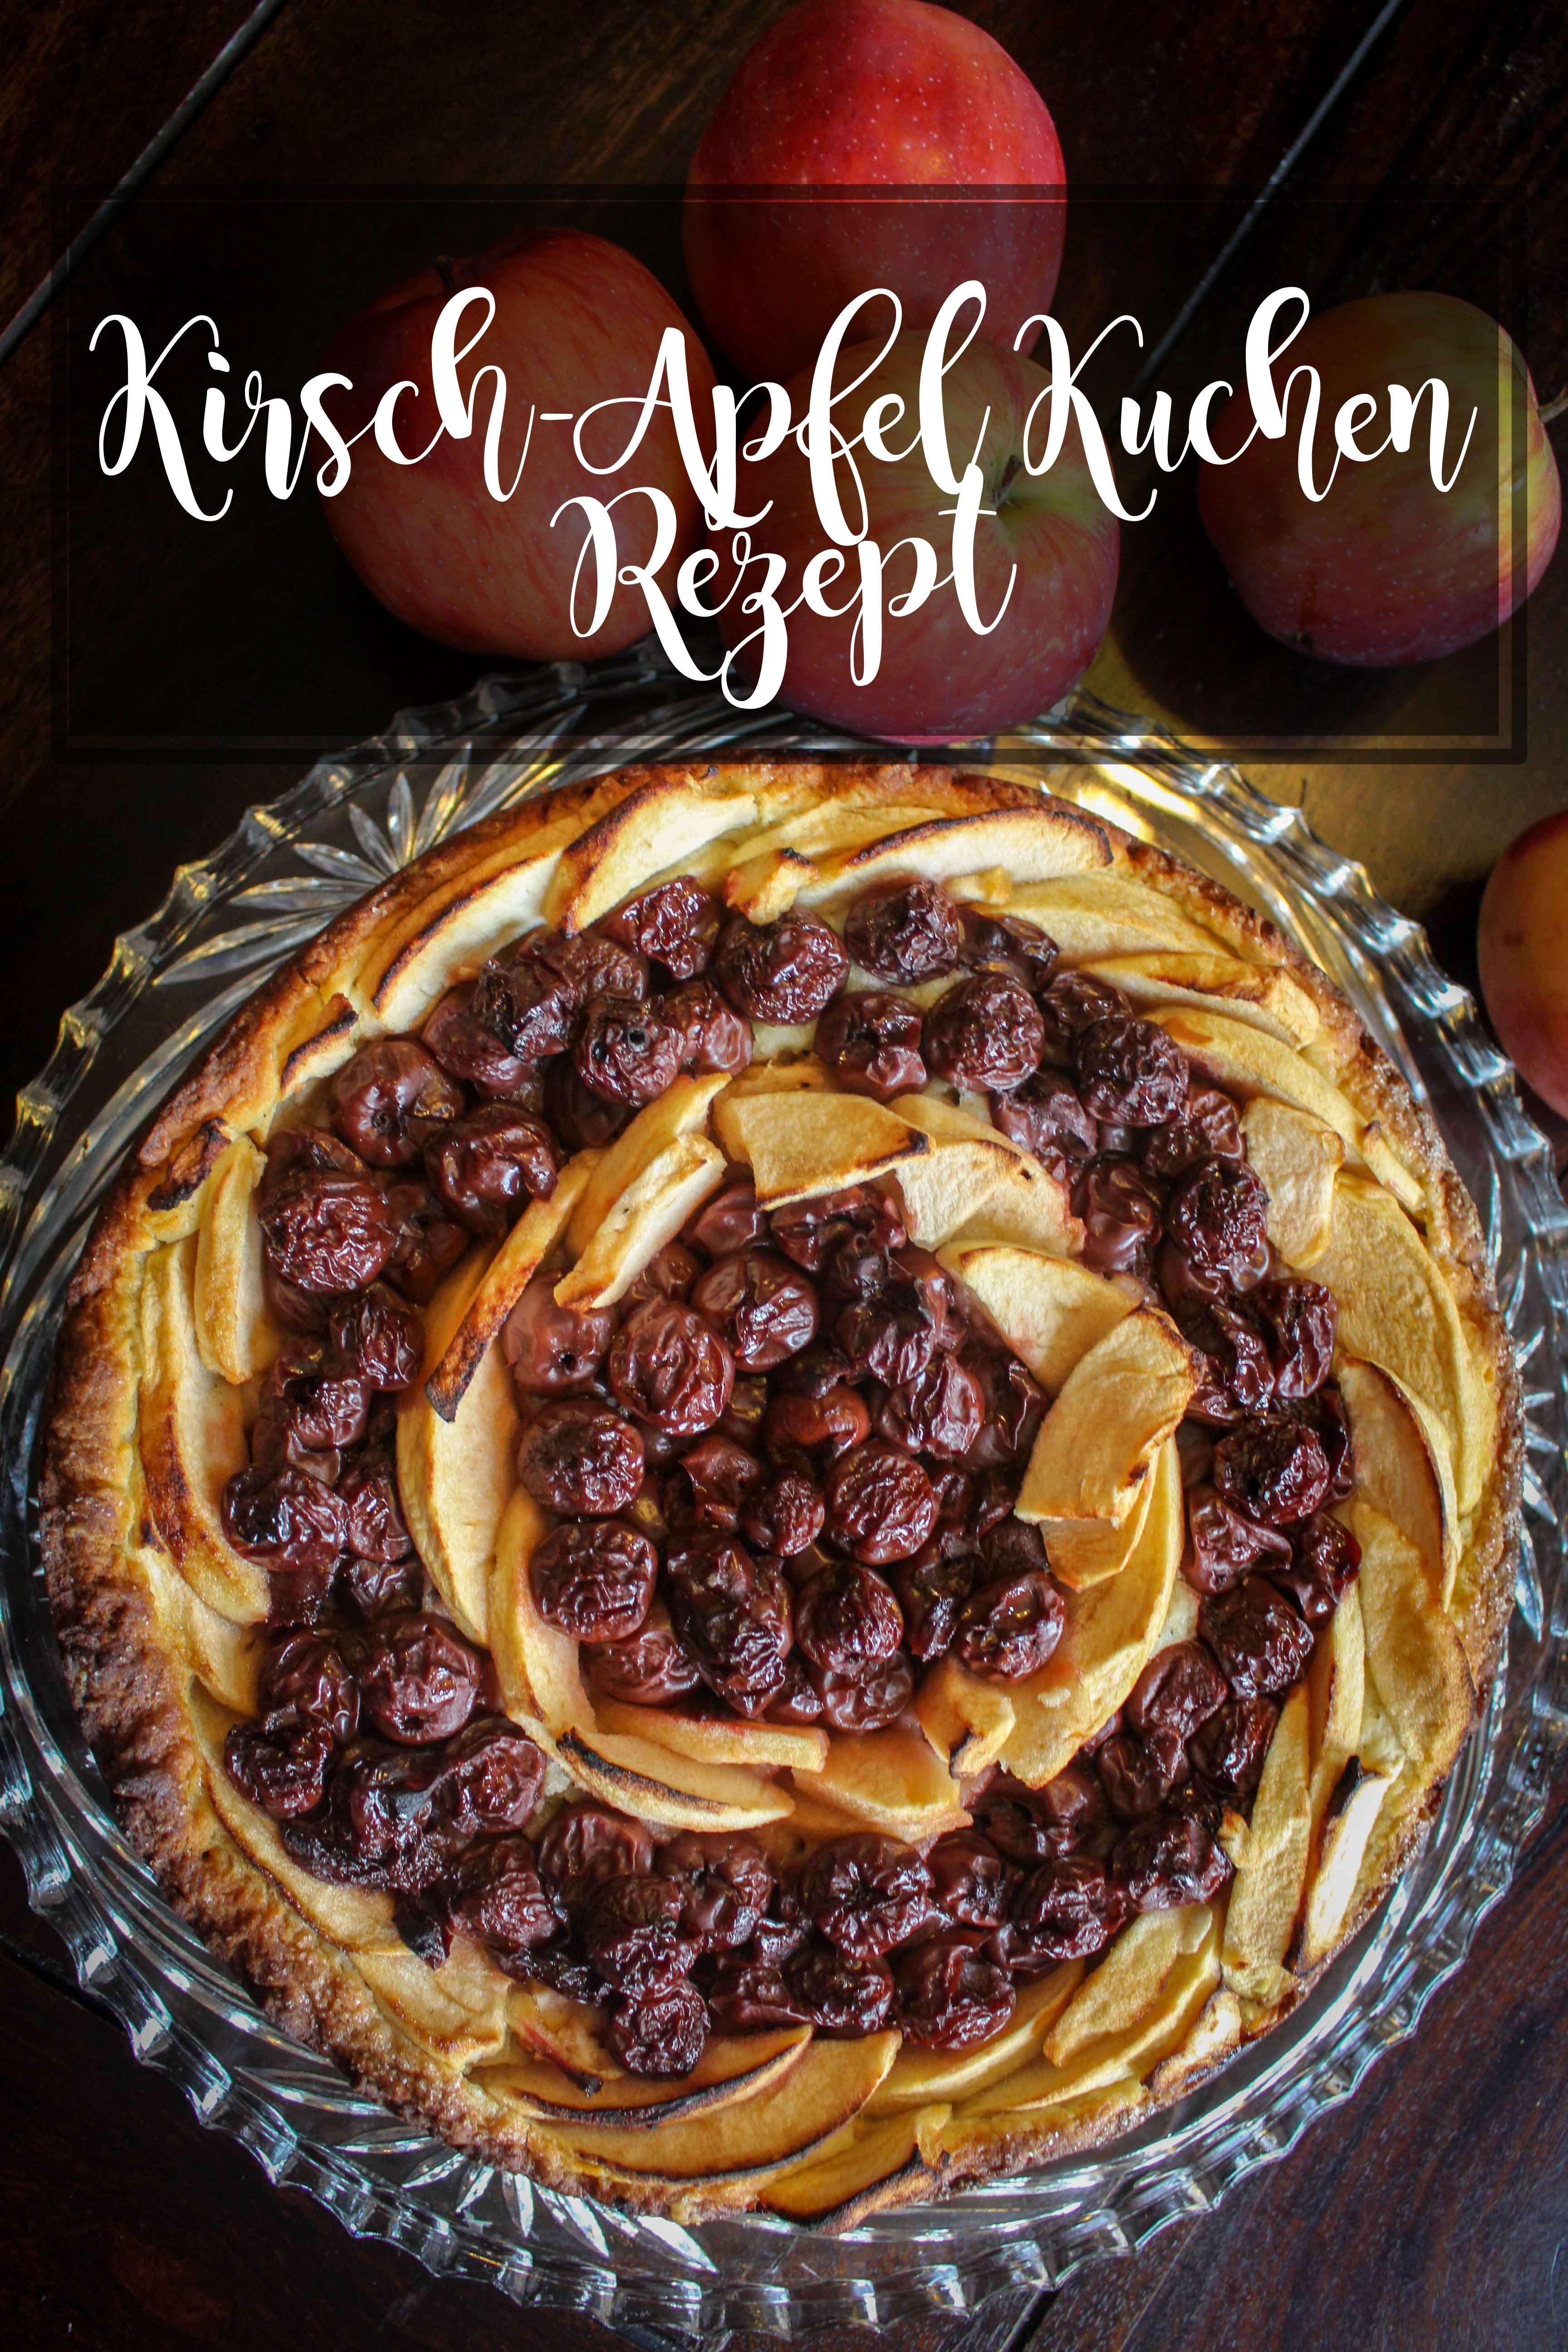 Rezept Fur Kirsch Apfelkuchen Mit Quark Ol Teig Quark Ol Teig Rezepte Apfelkuchen Rezept